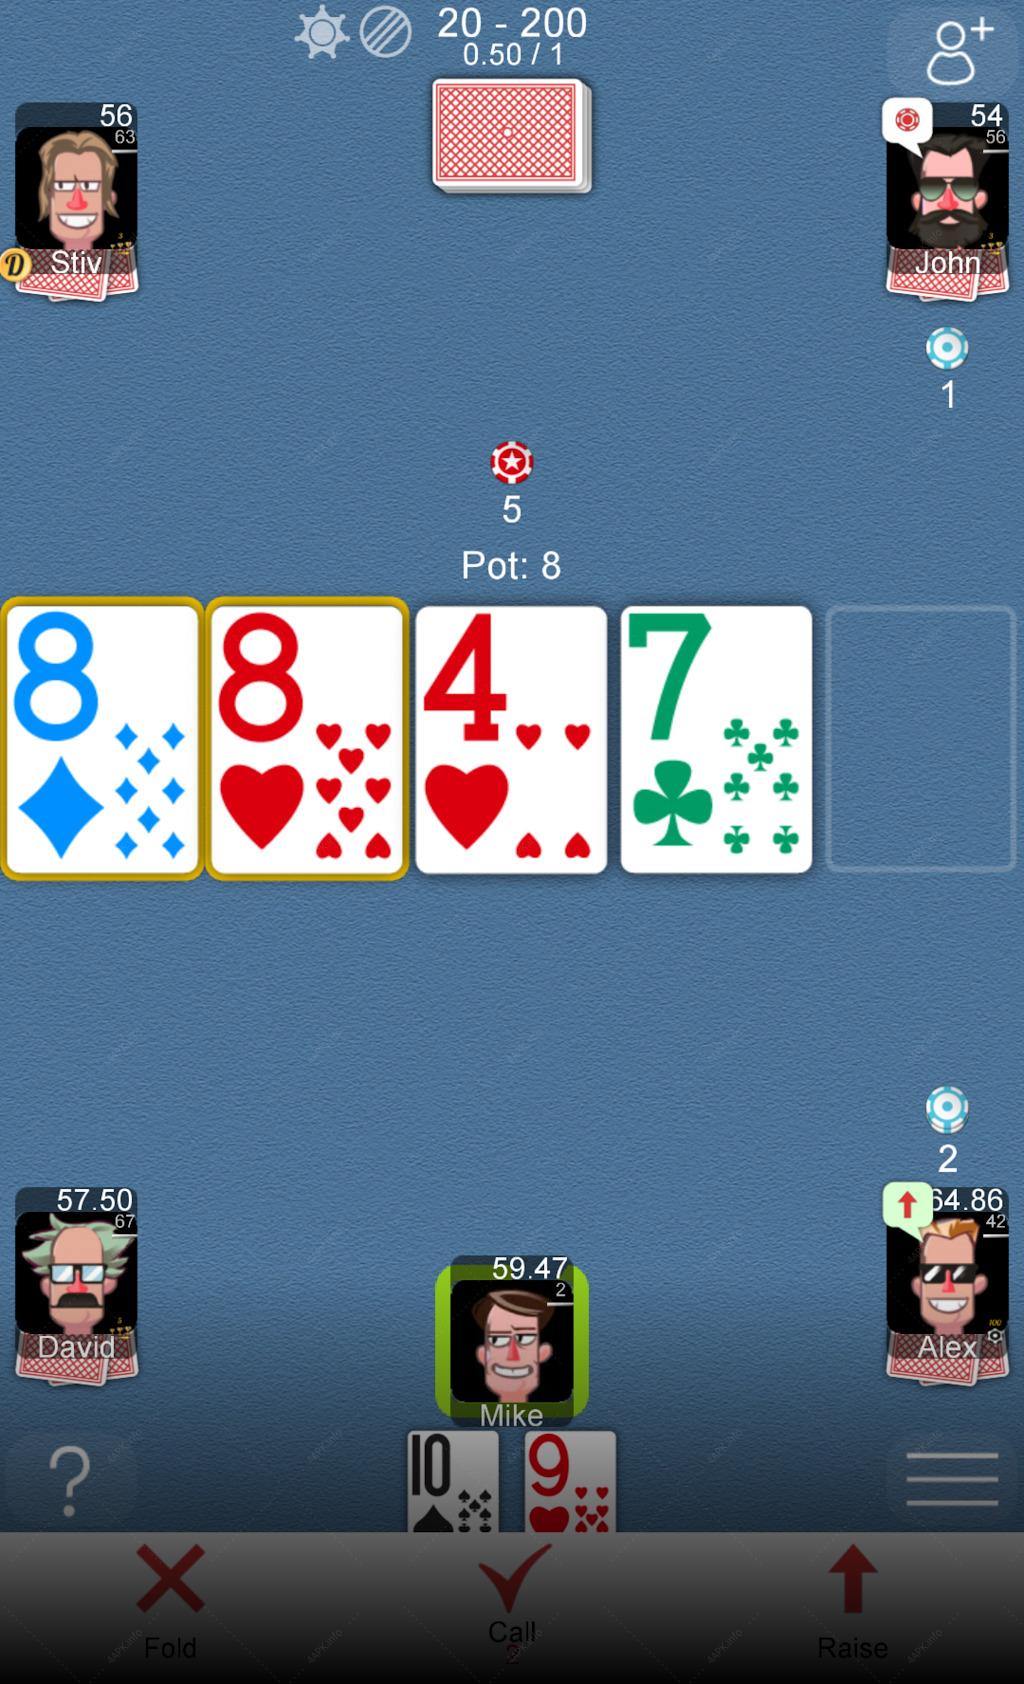 Скачать покер онлайн для мобильного телефона скачать симуляторы игровые автоматы он-лайн